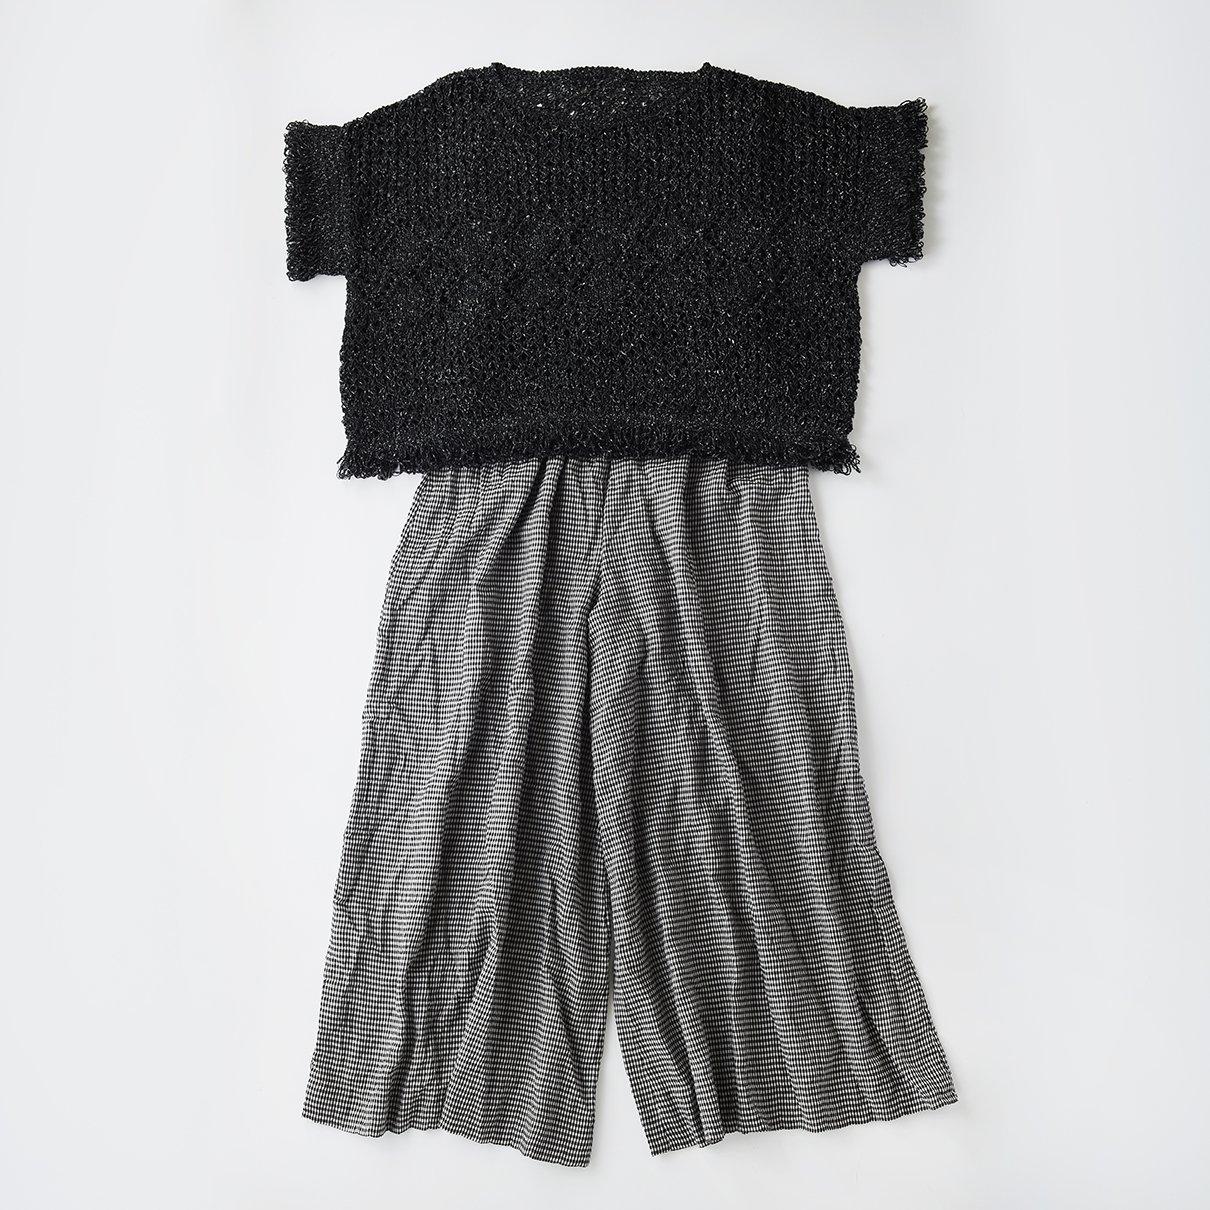 オーツのリング編みのプルオーバー